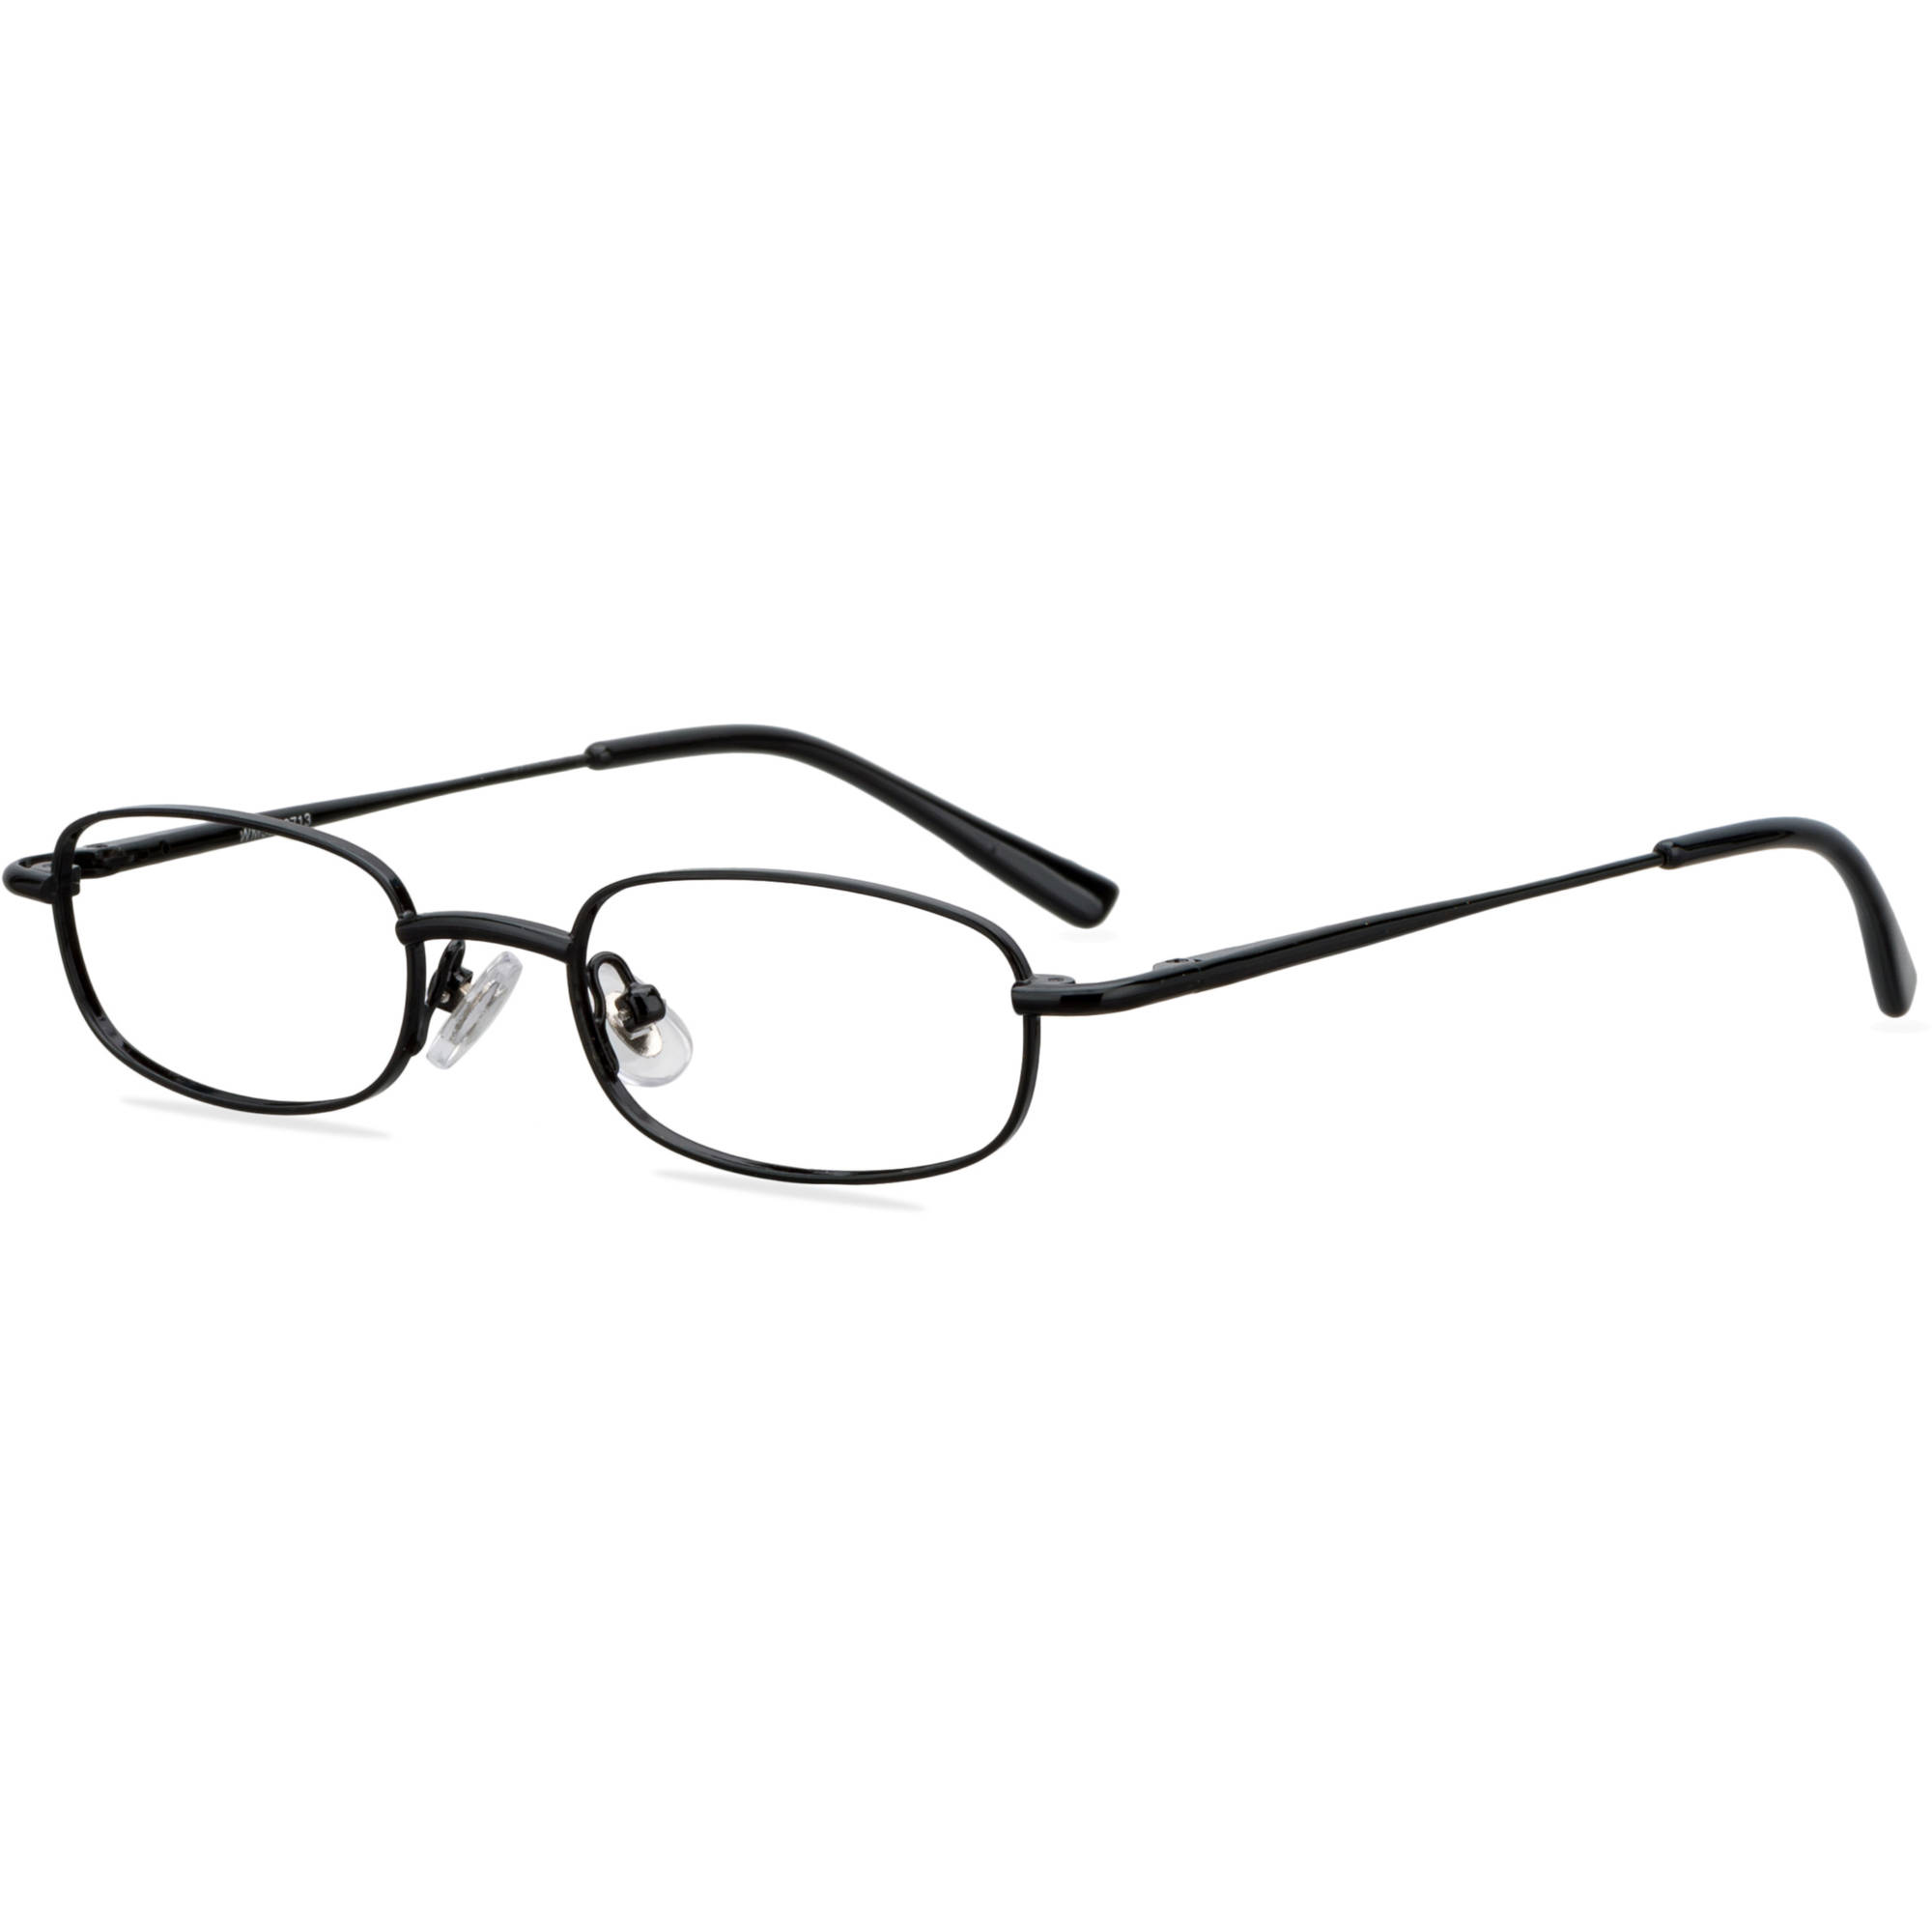 Contour Youths Prescription Glasses, FM4005A Black